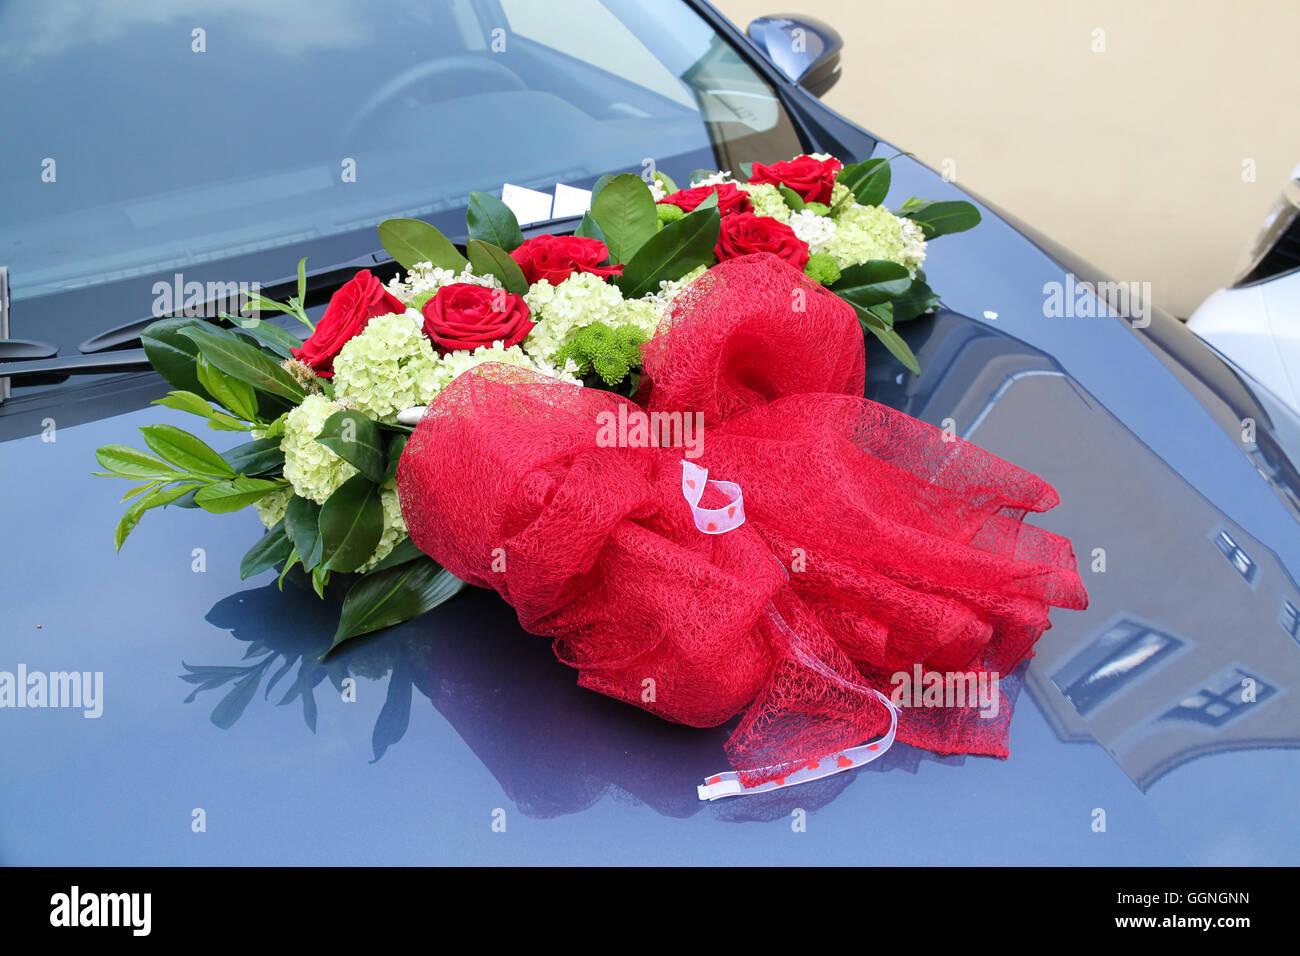 Hochzeitsblumen Auf Dem Auto Stockfoto Bild 113570849 Alamy